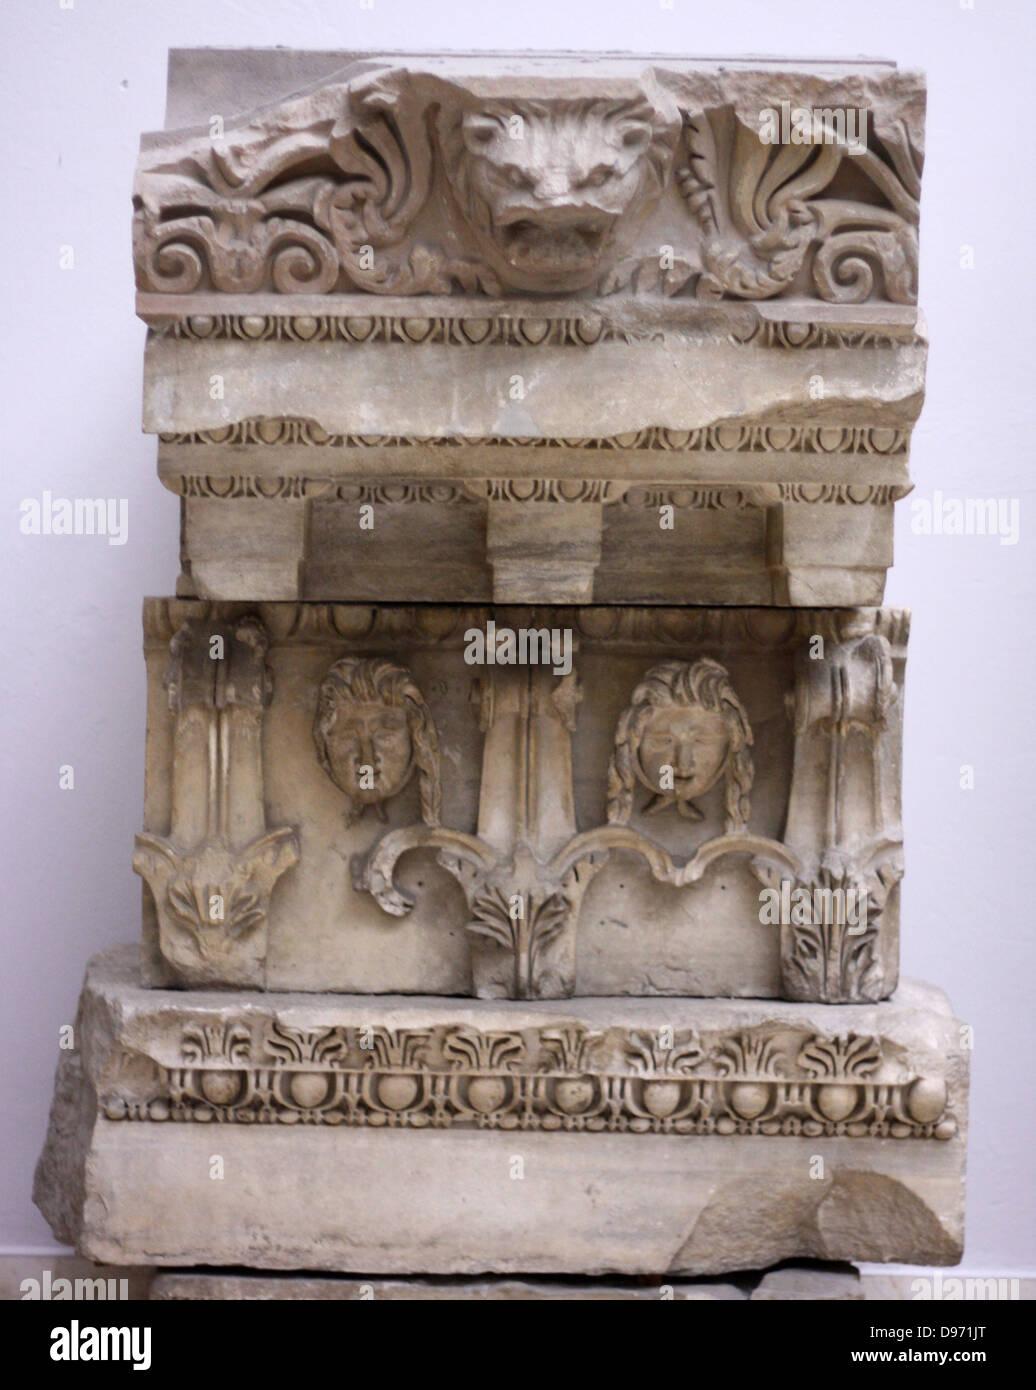 Temple of Zeus Philios (Trajaneum) Entablature Marble ca. 115- 130 AD - Stock Image